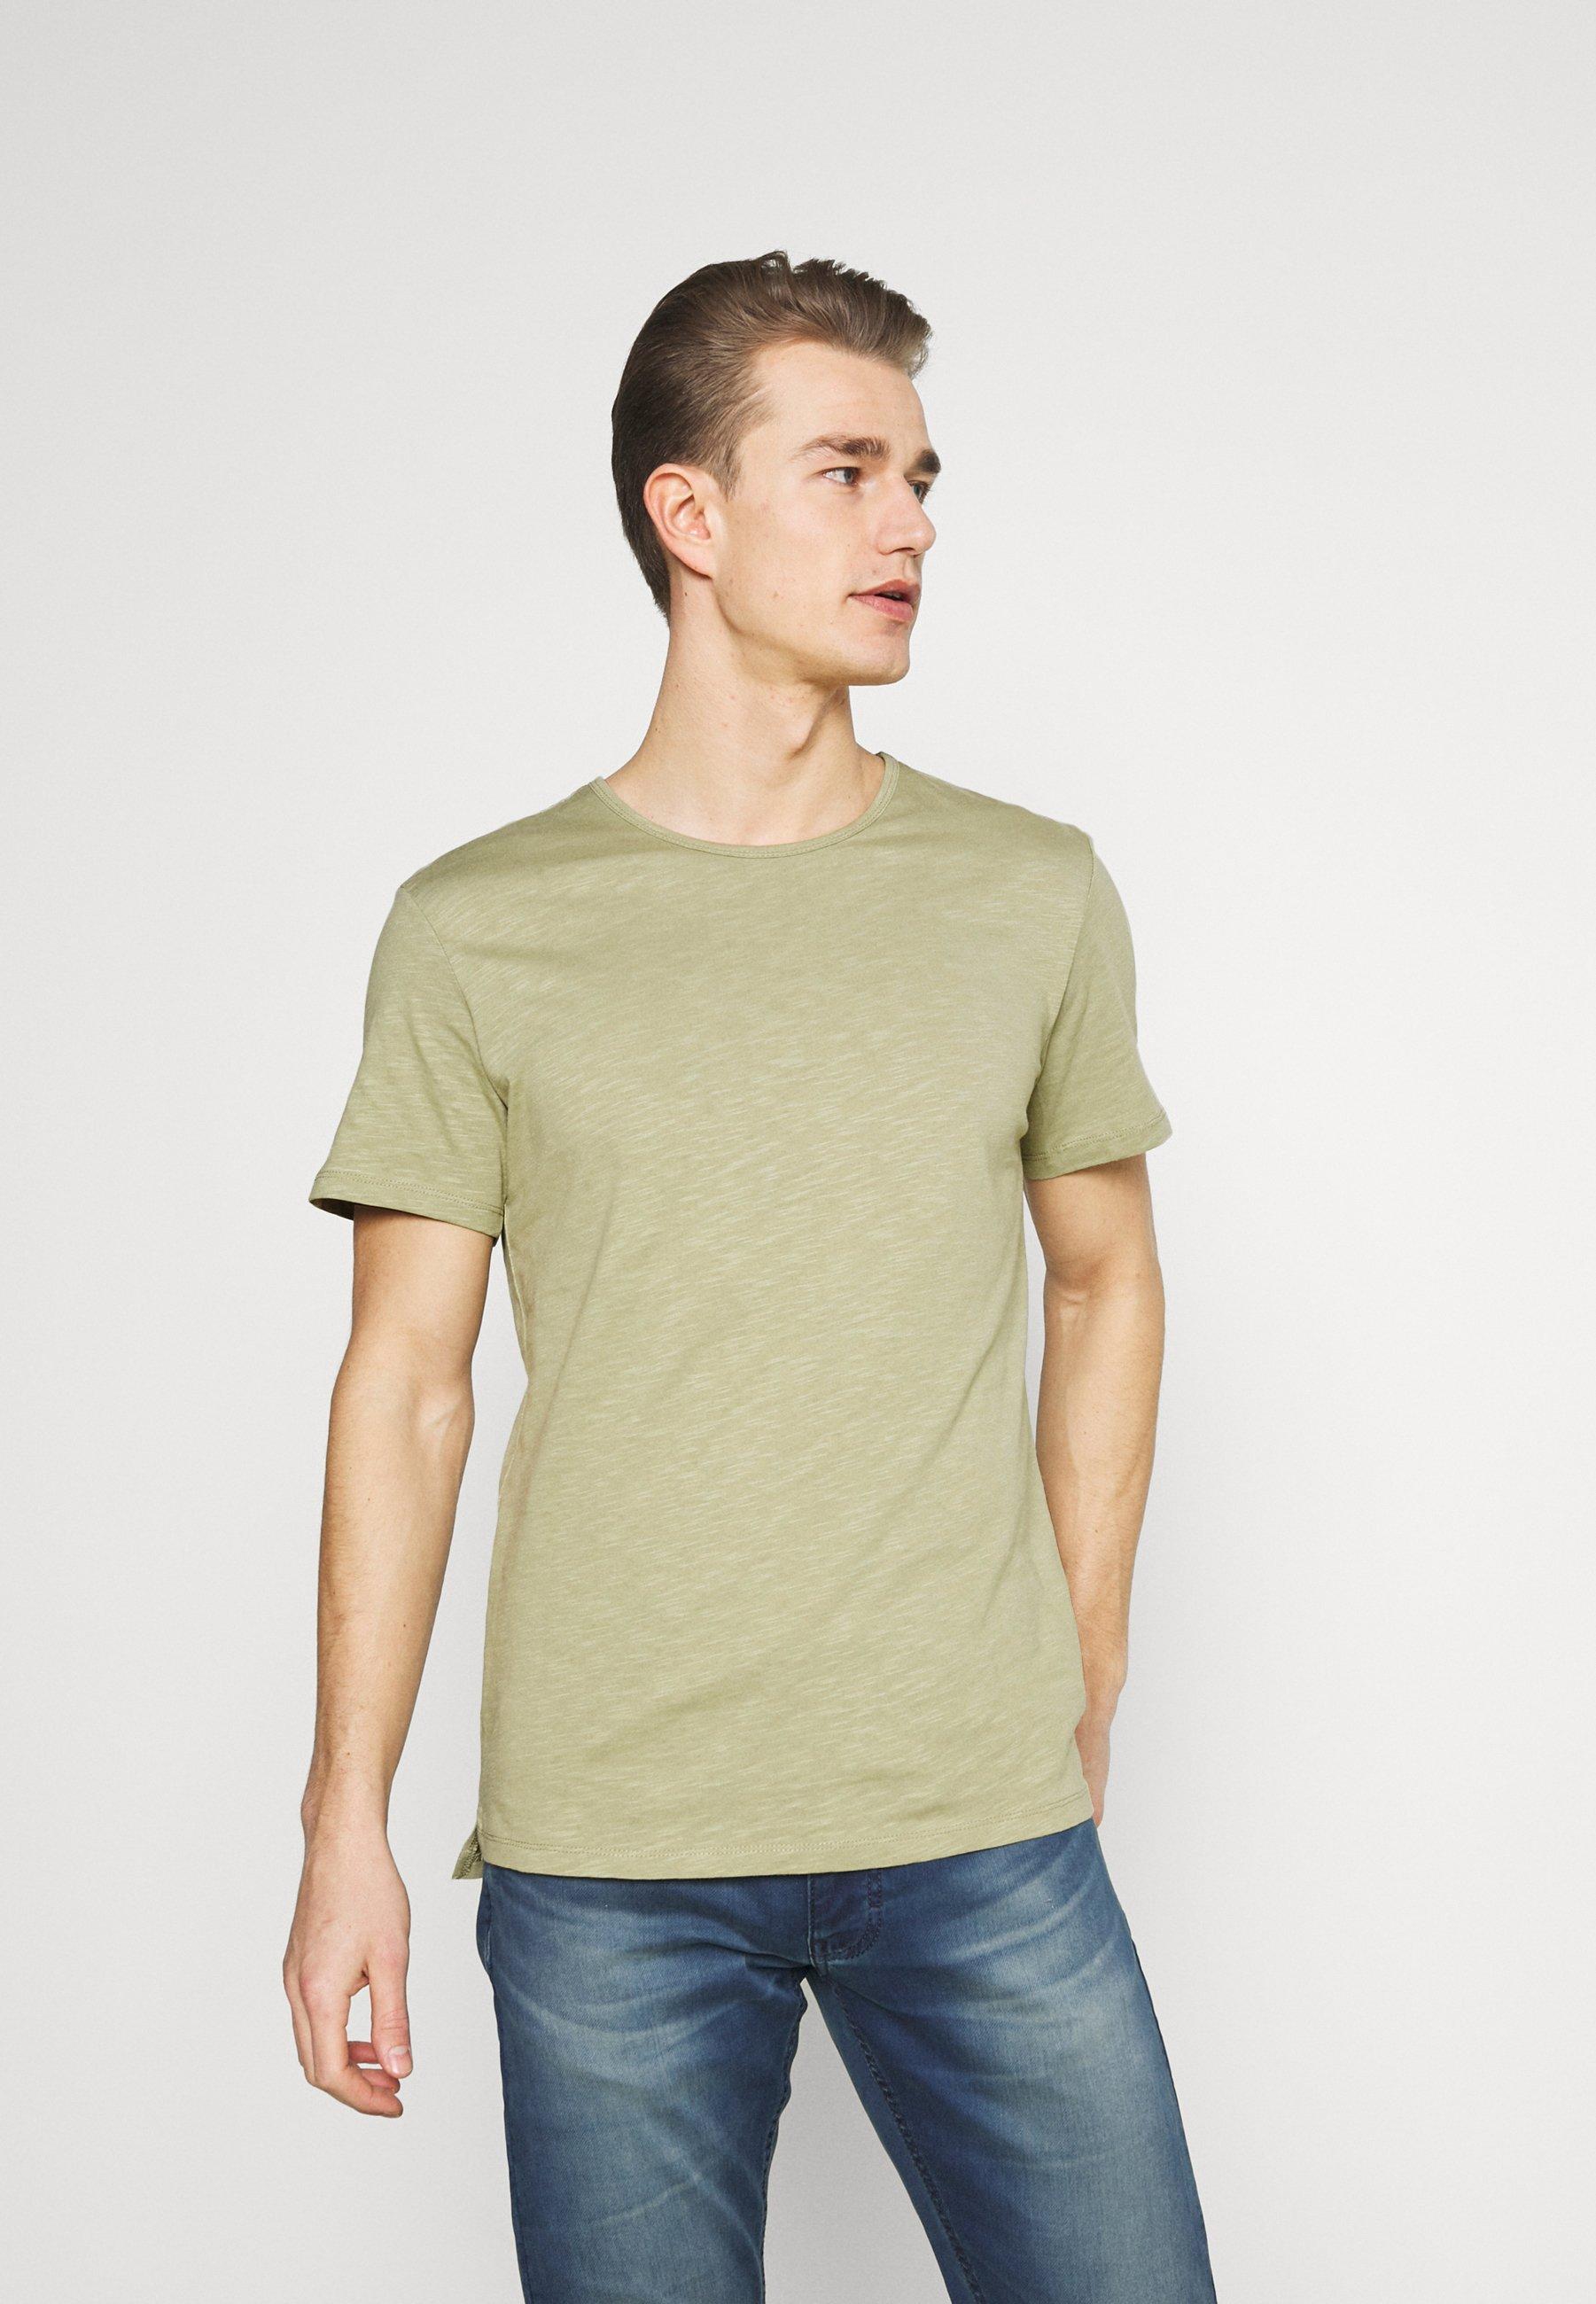 Homme GRANT CREW NECK - T-shirt basique